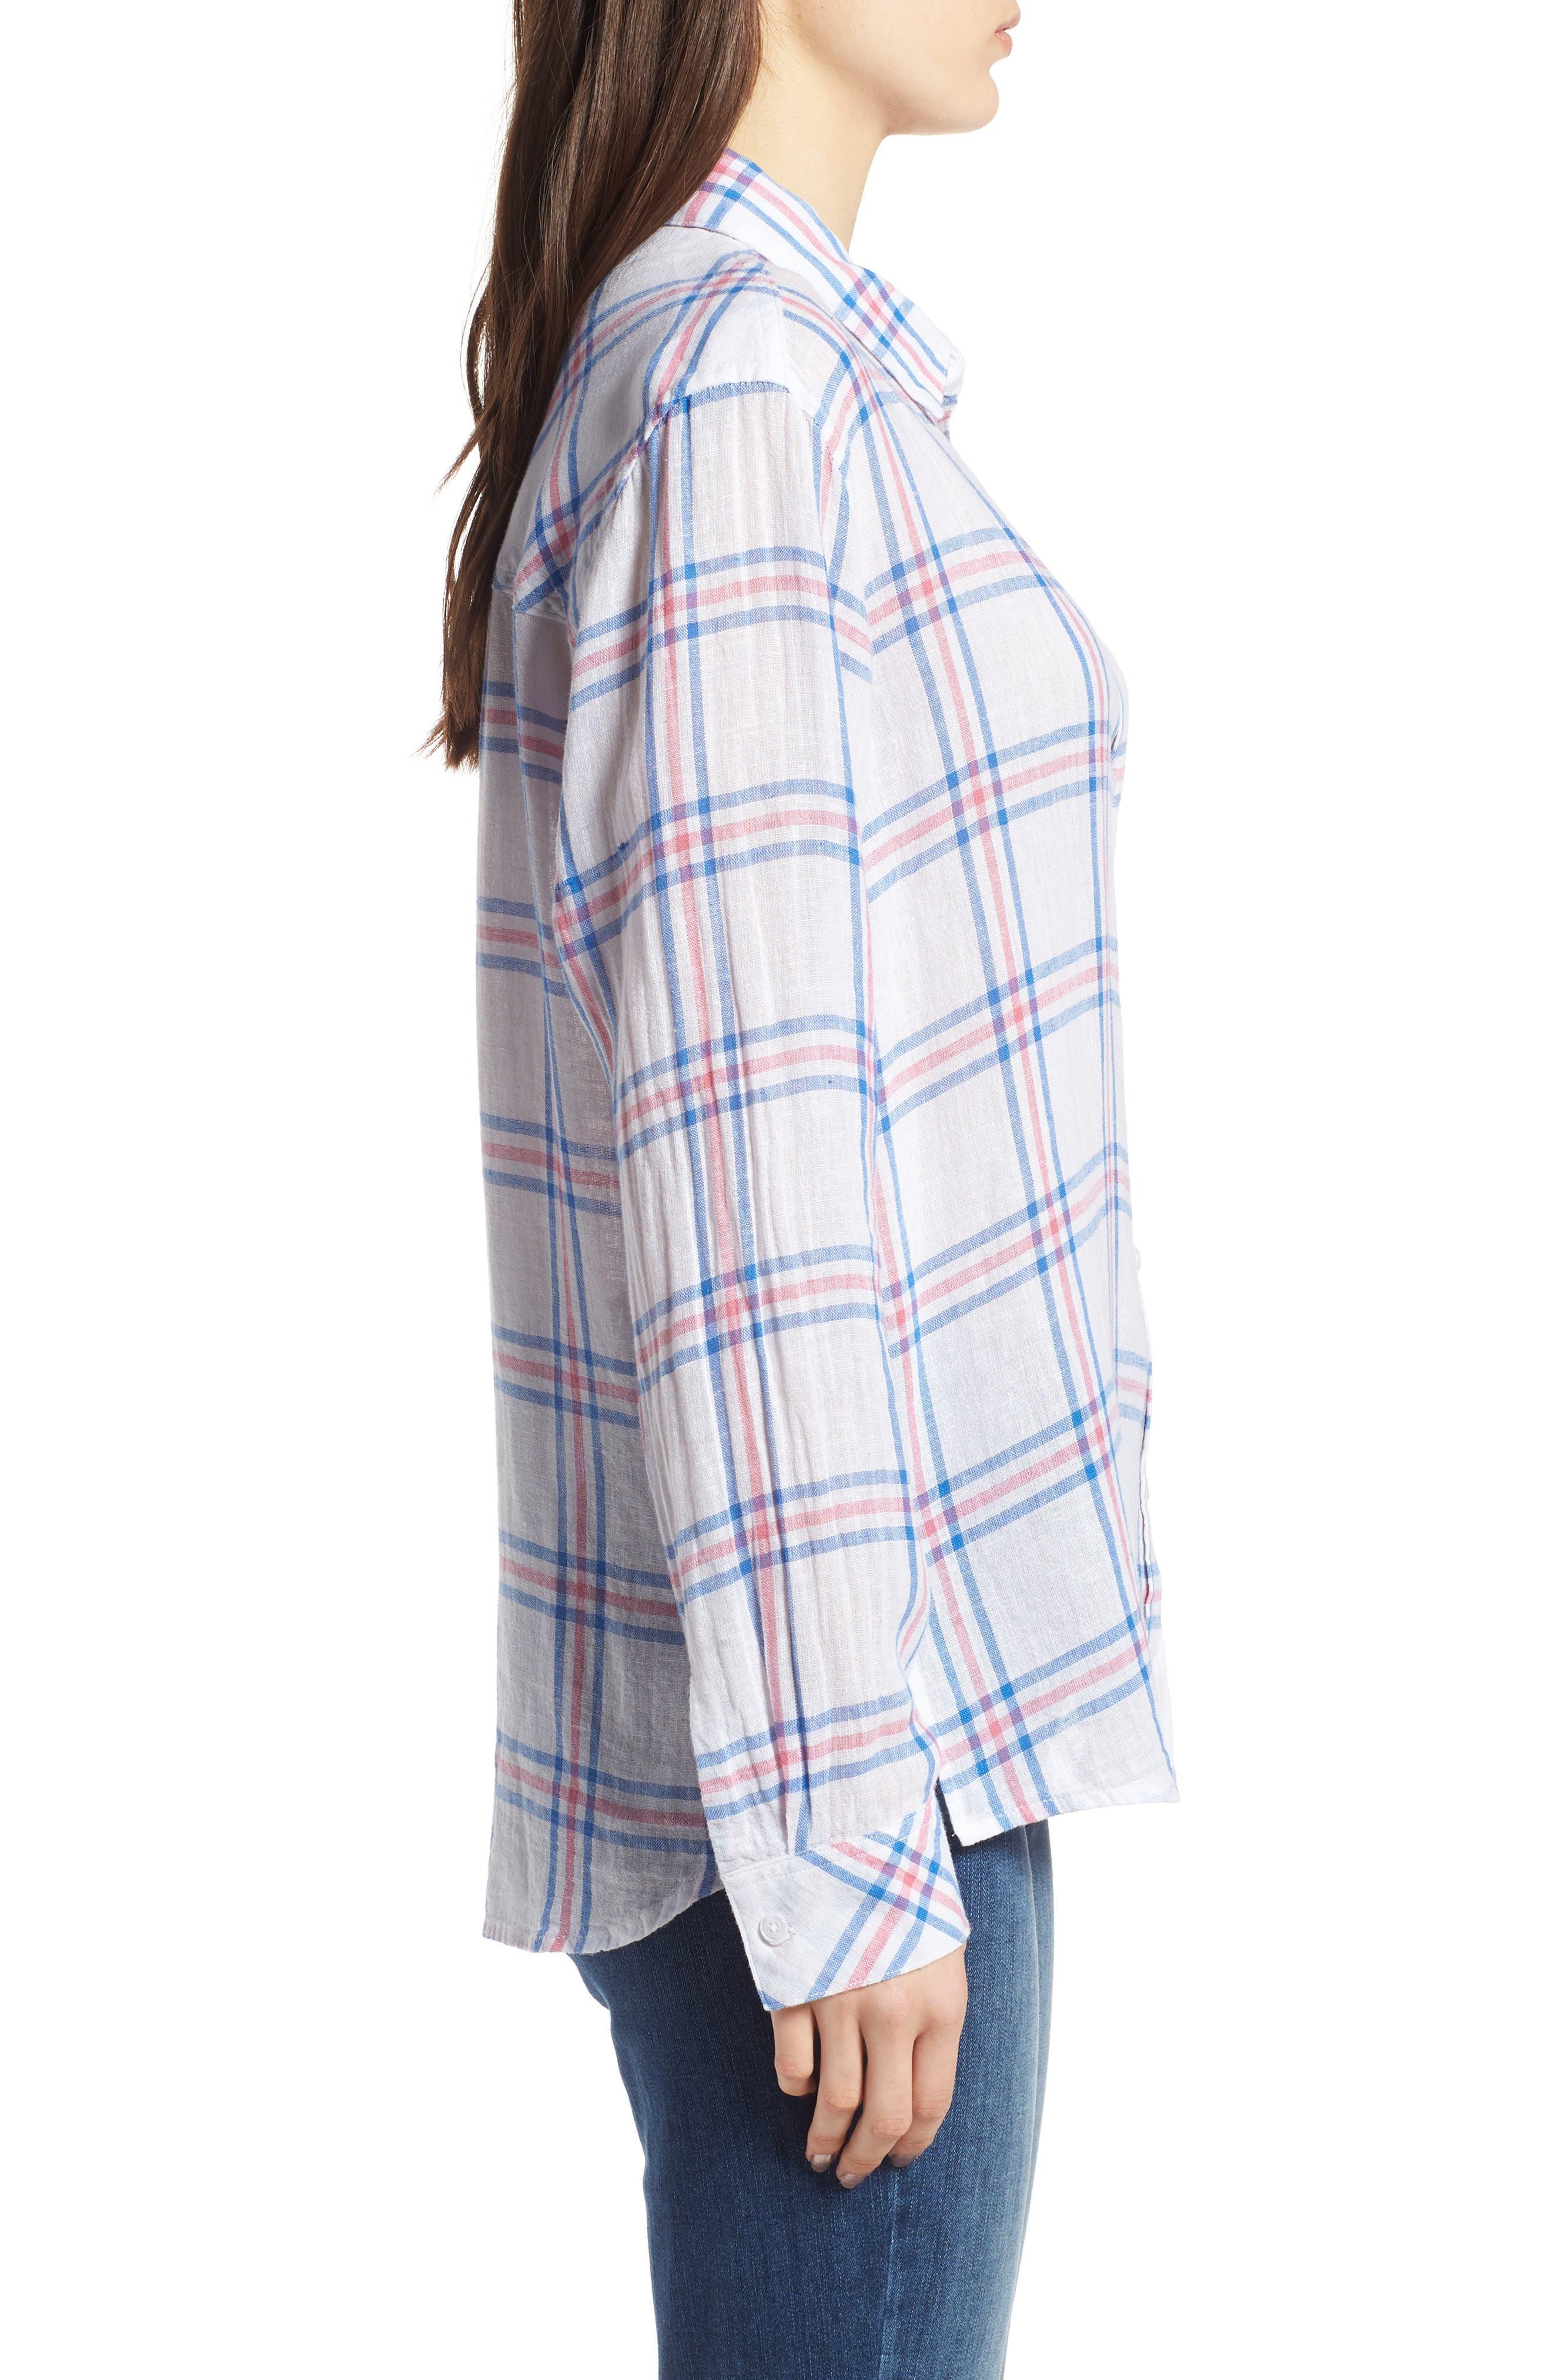 Sydney Stripe Shirt,                             Alternate thumbnail 4, color,                             Raspberry Azure White